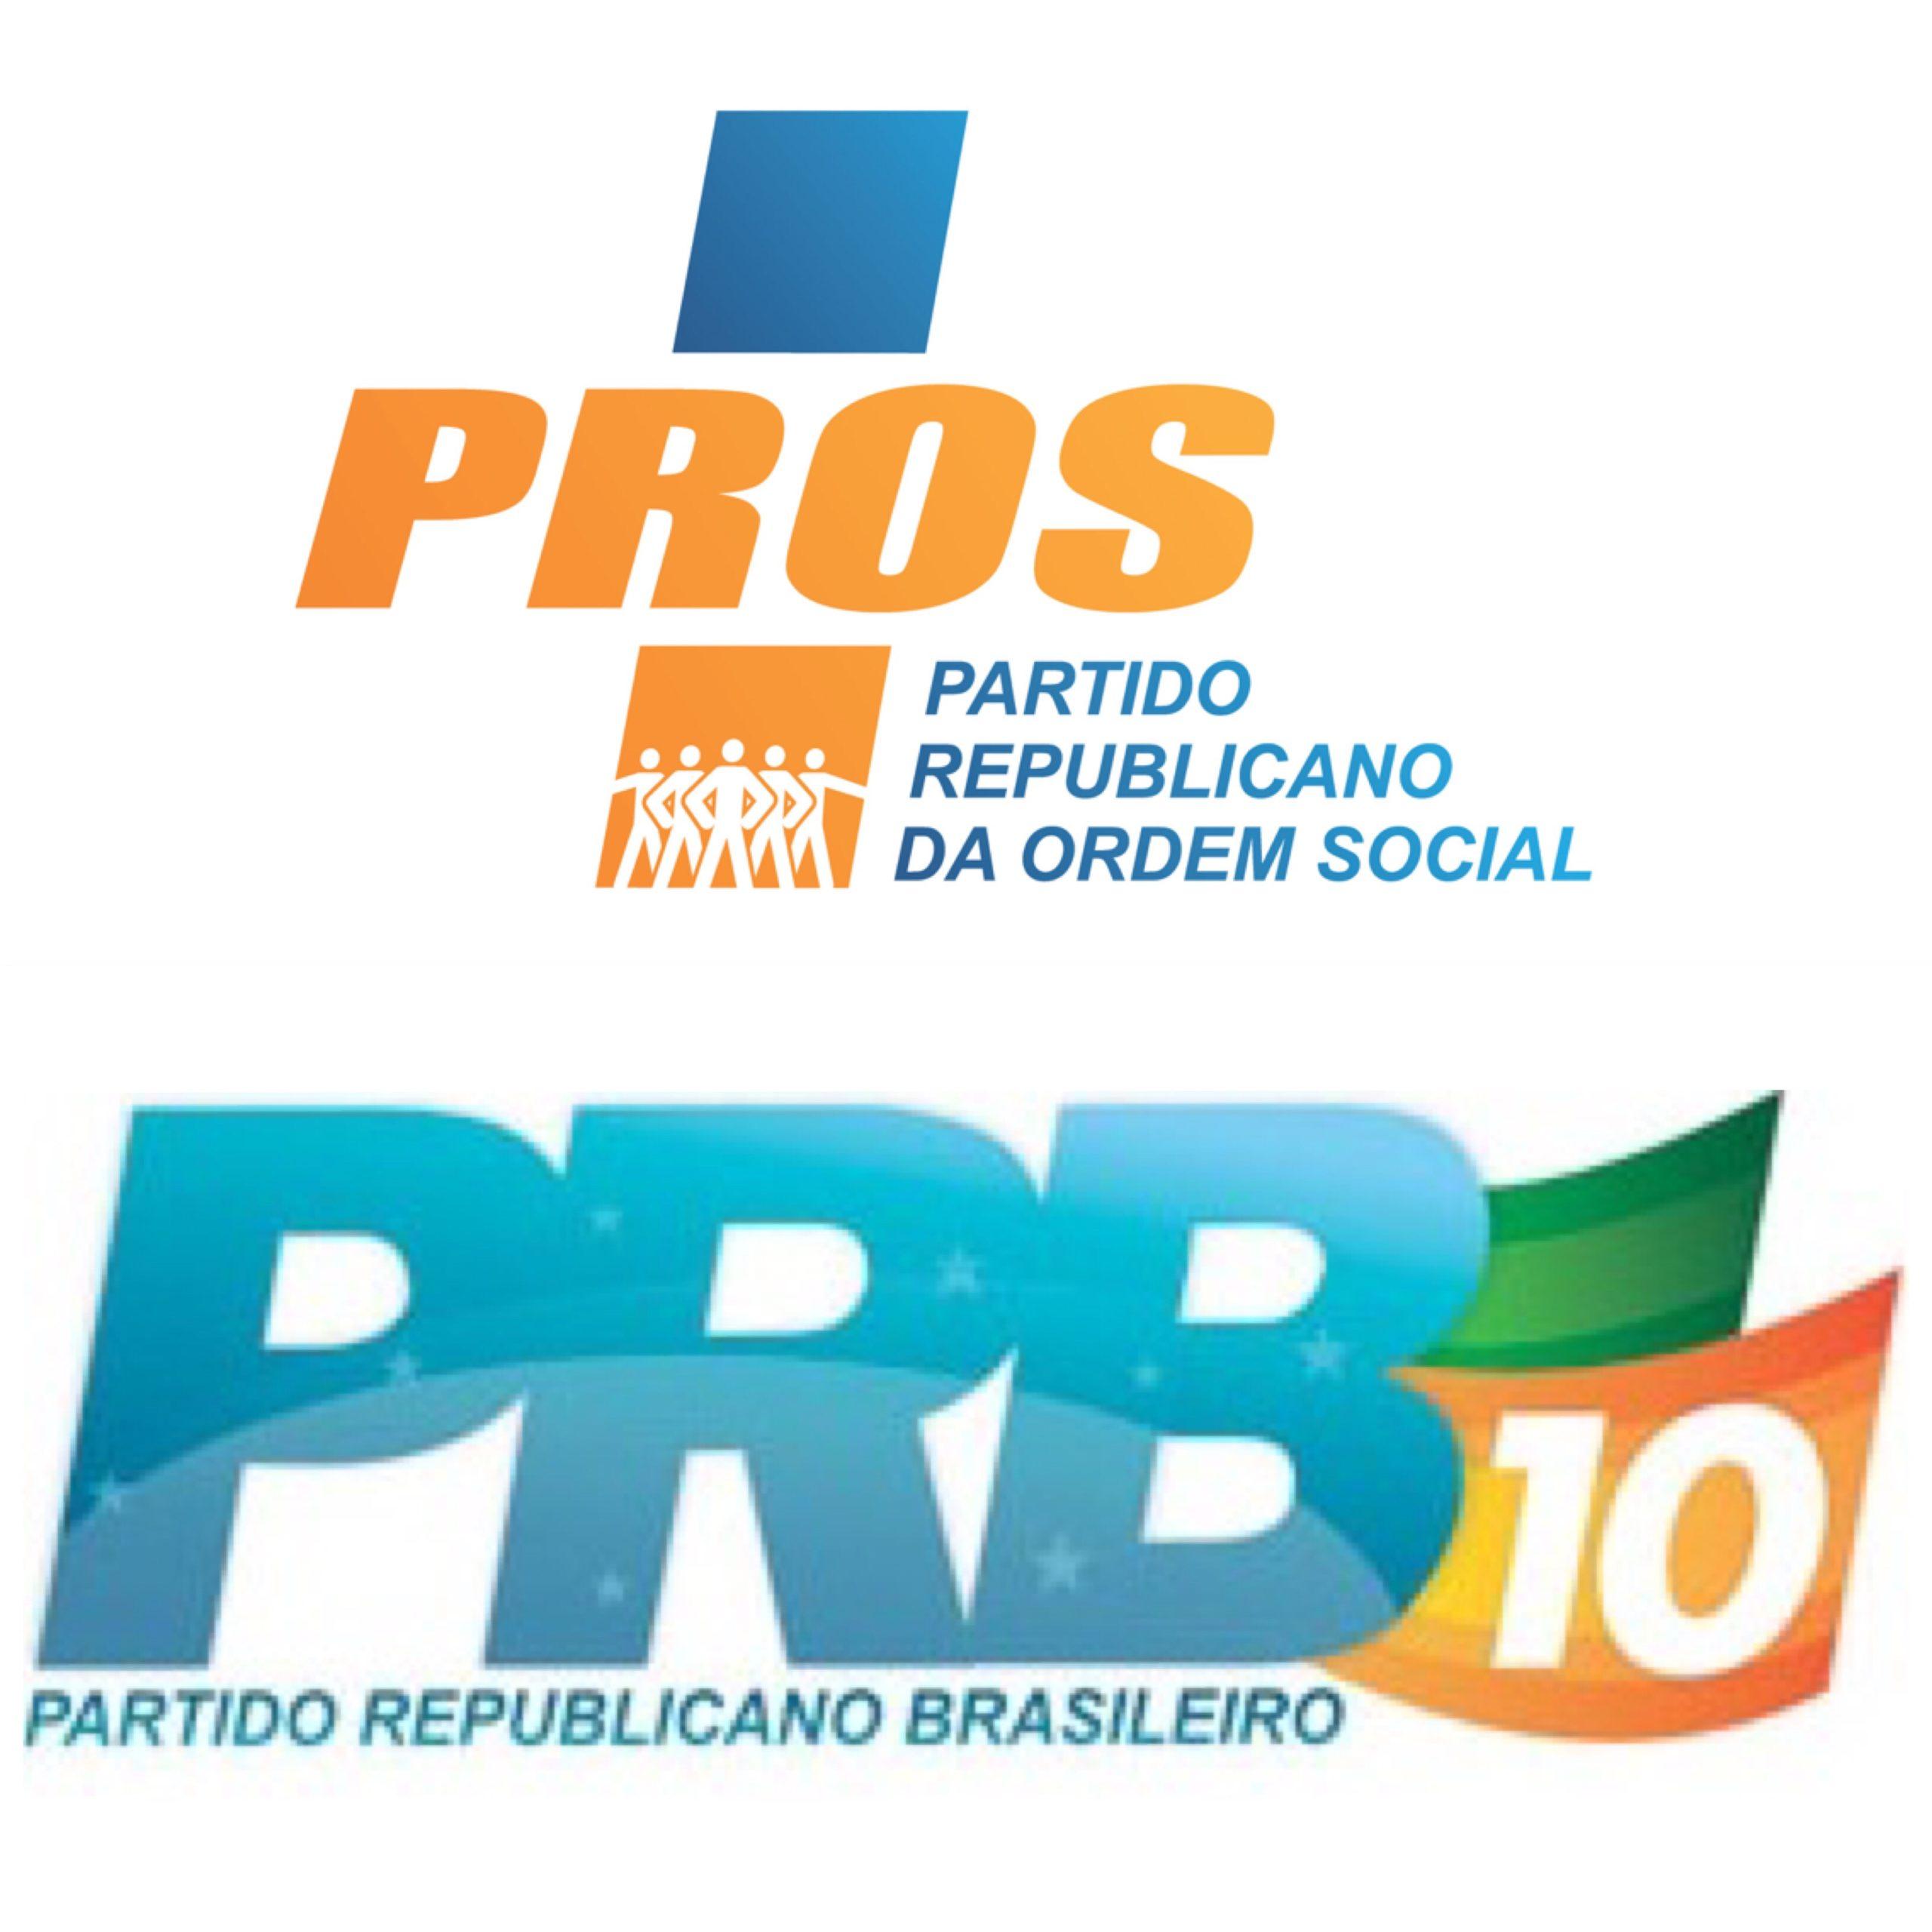 Justiça Eleitoral investiga suspeitas de fraudes em prestações de contas de candidatos do PROS e PRB